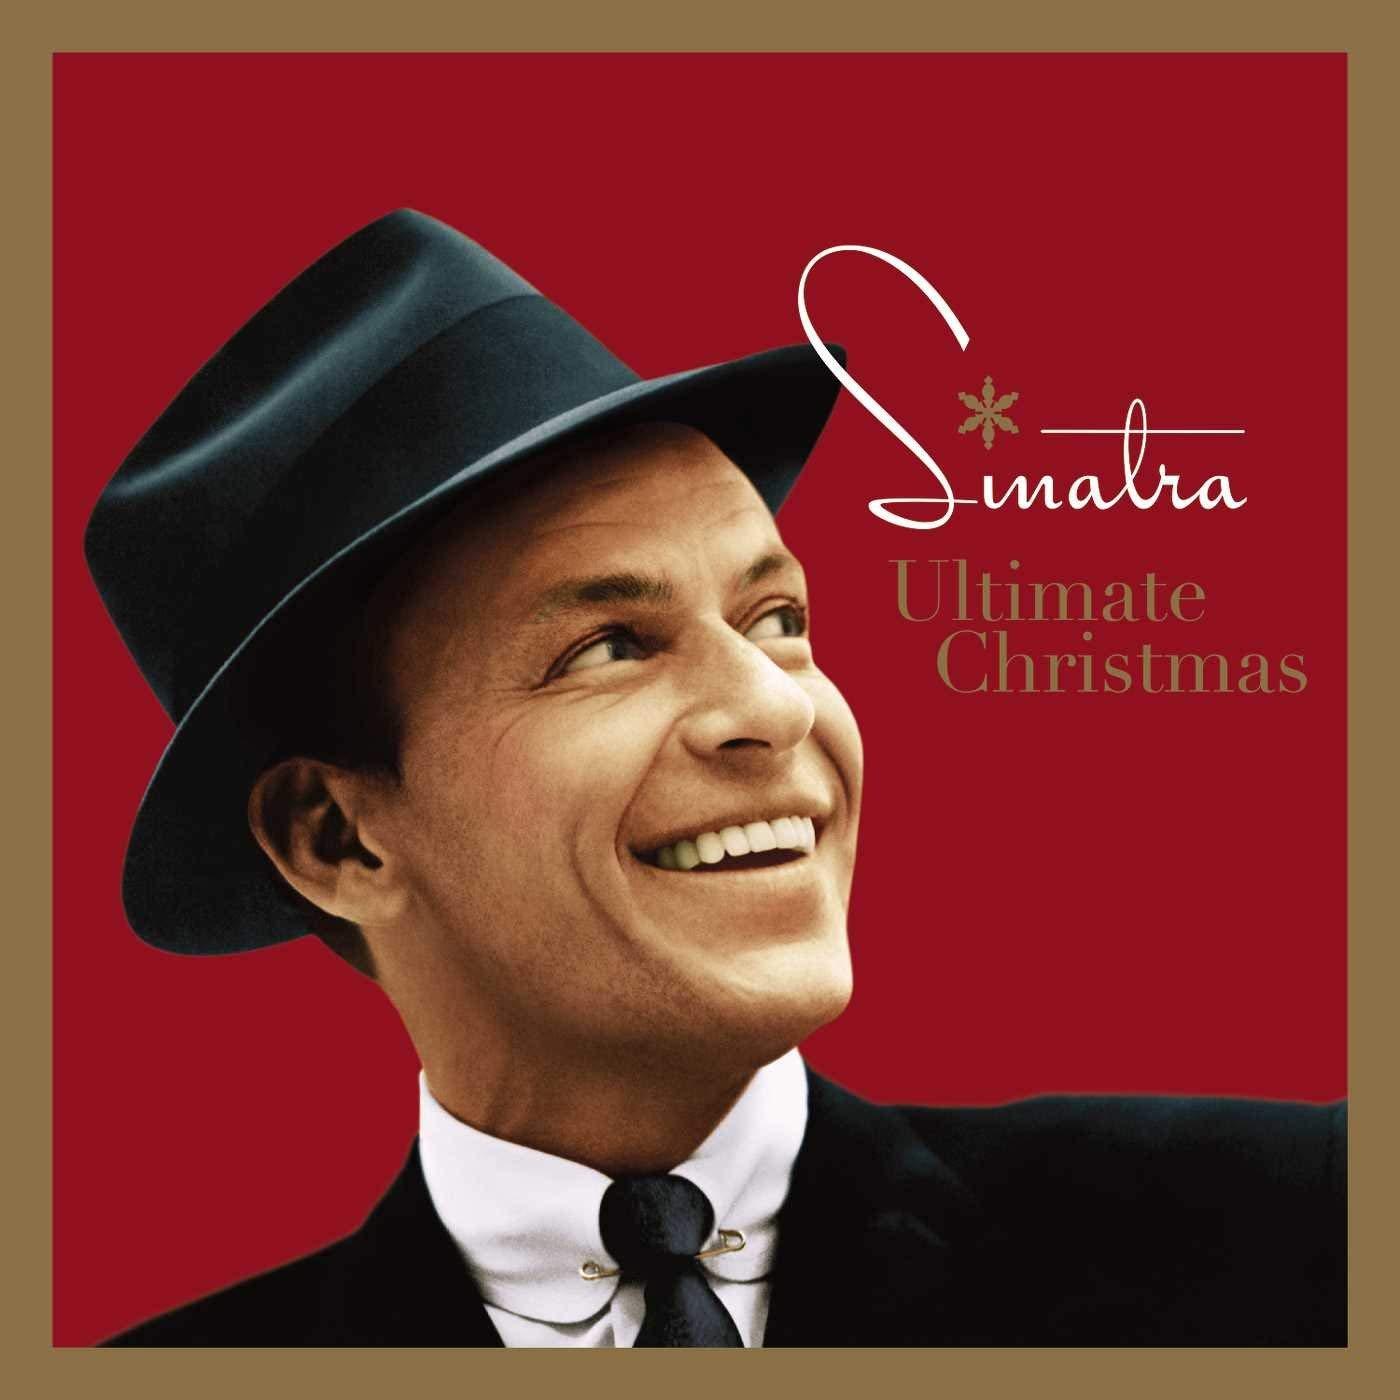 frank sinatra christmas album musique de noel